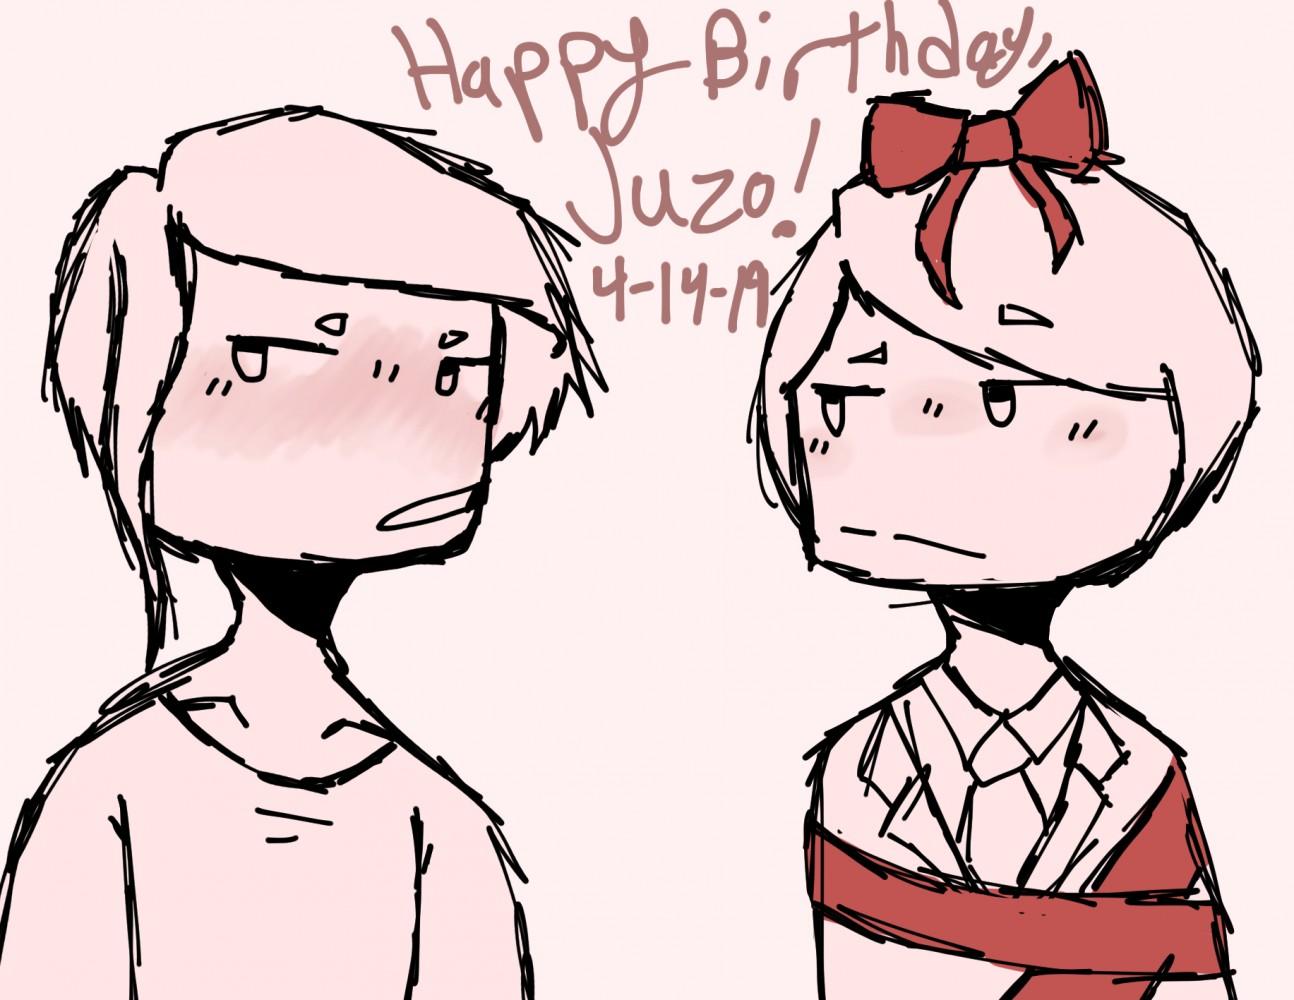 Happy Birthday Juzo! by Pixel-Fazzy